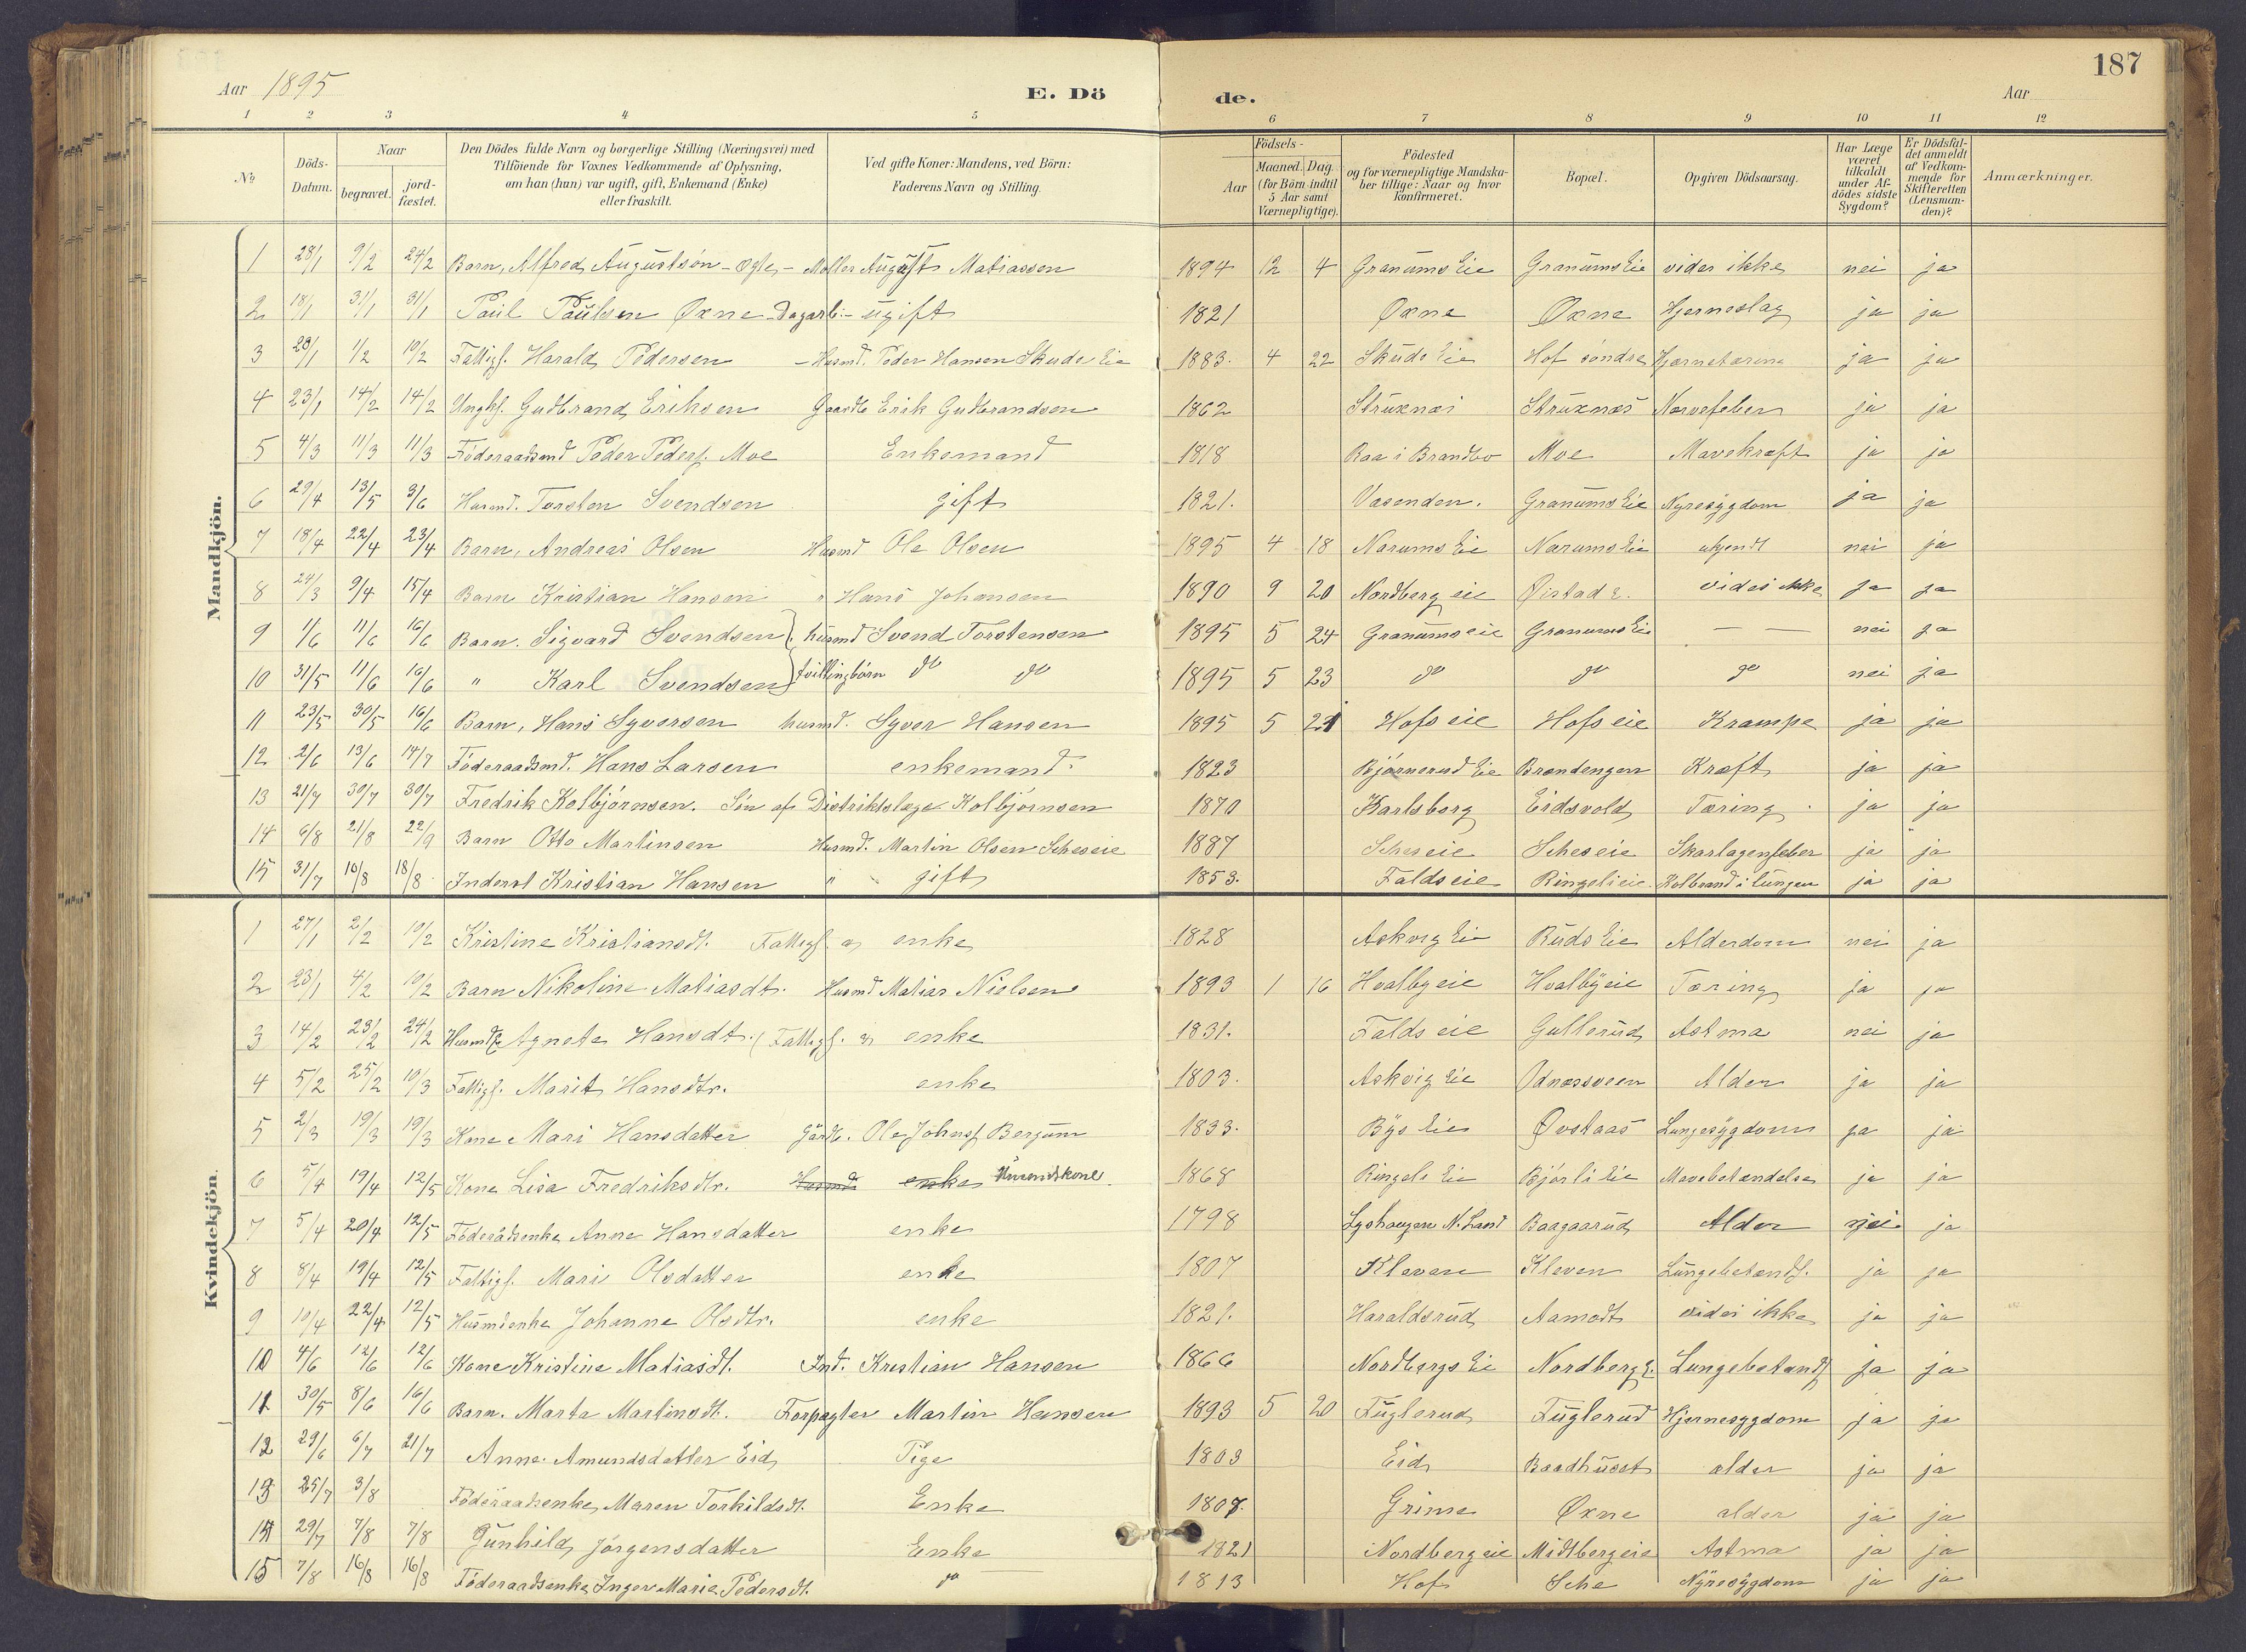 SAH, Søndre Land prestekontor, K/L0006: Ministerialbok nr. 6, 1895-1904, s. 187